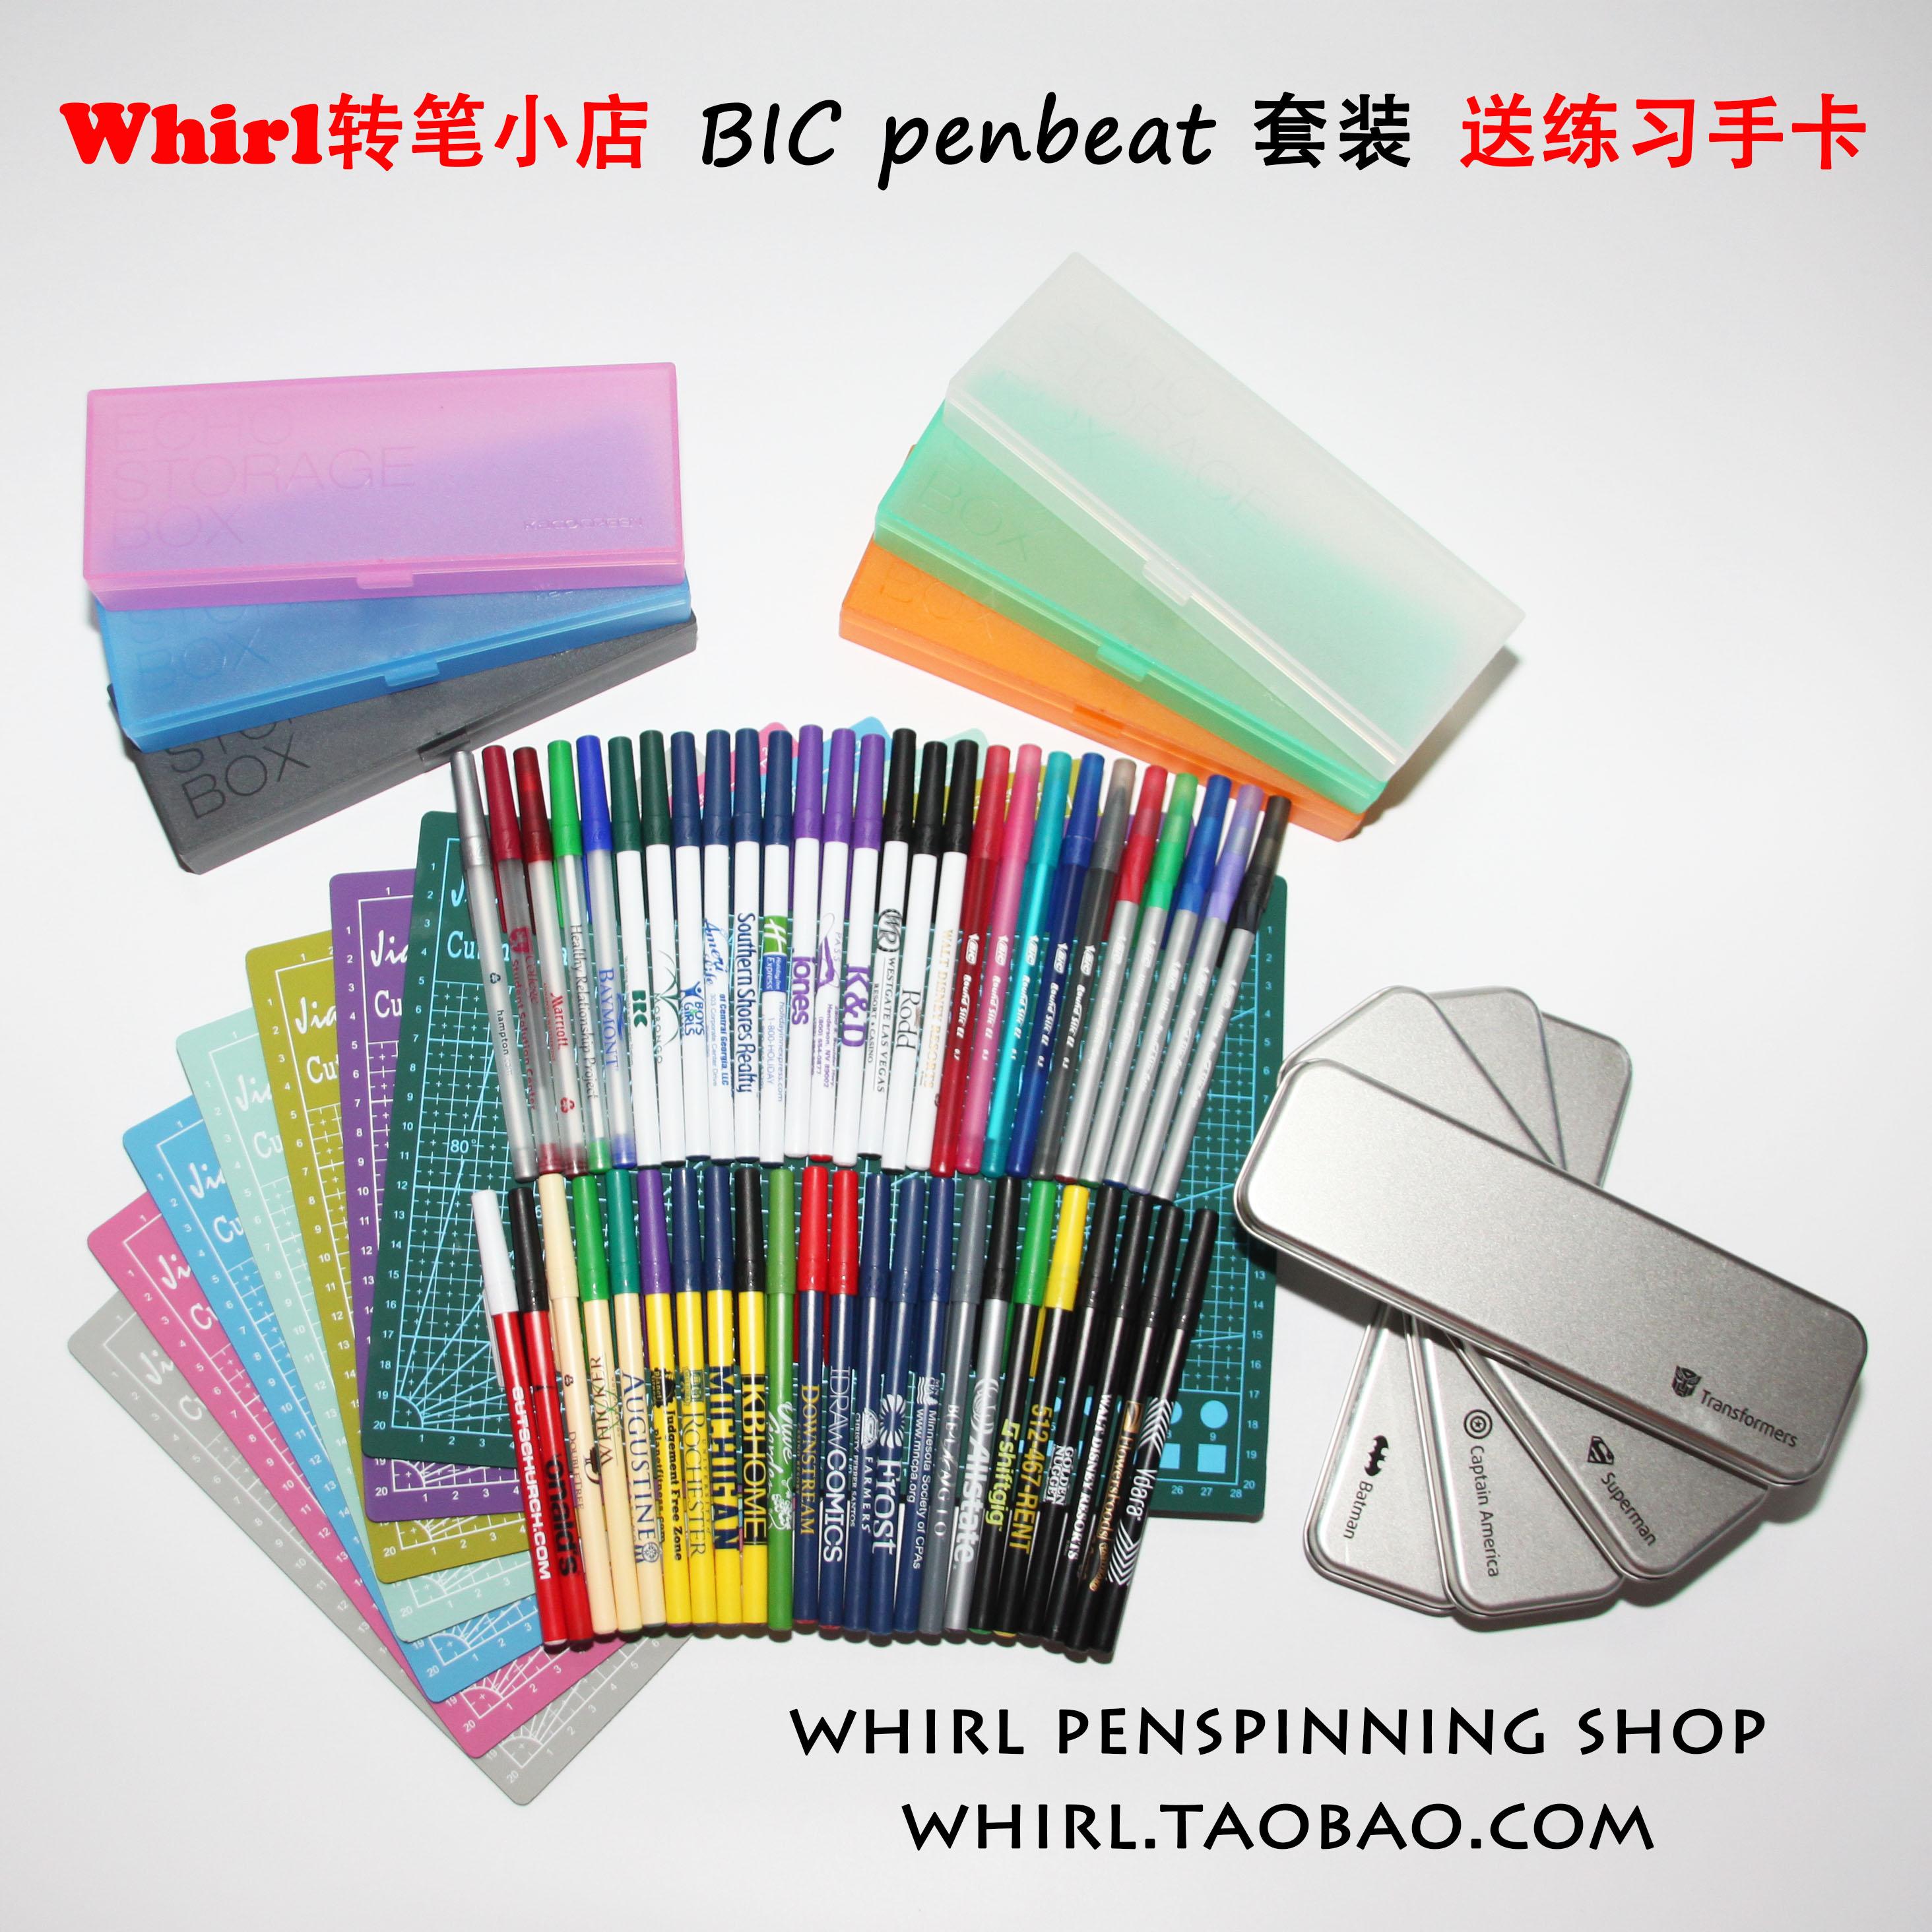 Whirl转笔小店BIC比克圆珠笔PenBeat专用笔送新手练习卡视频教学